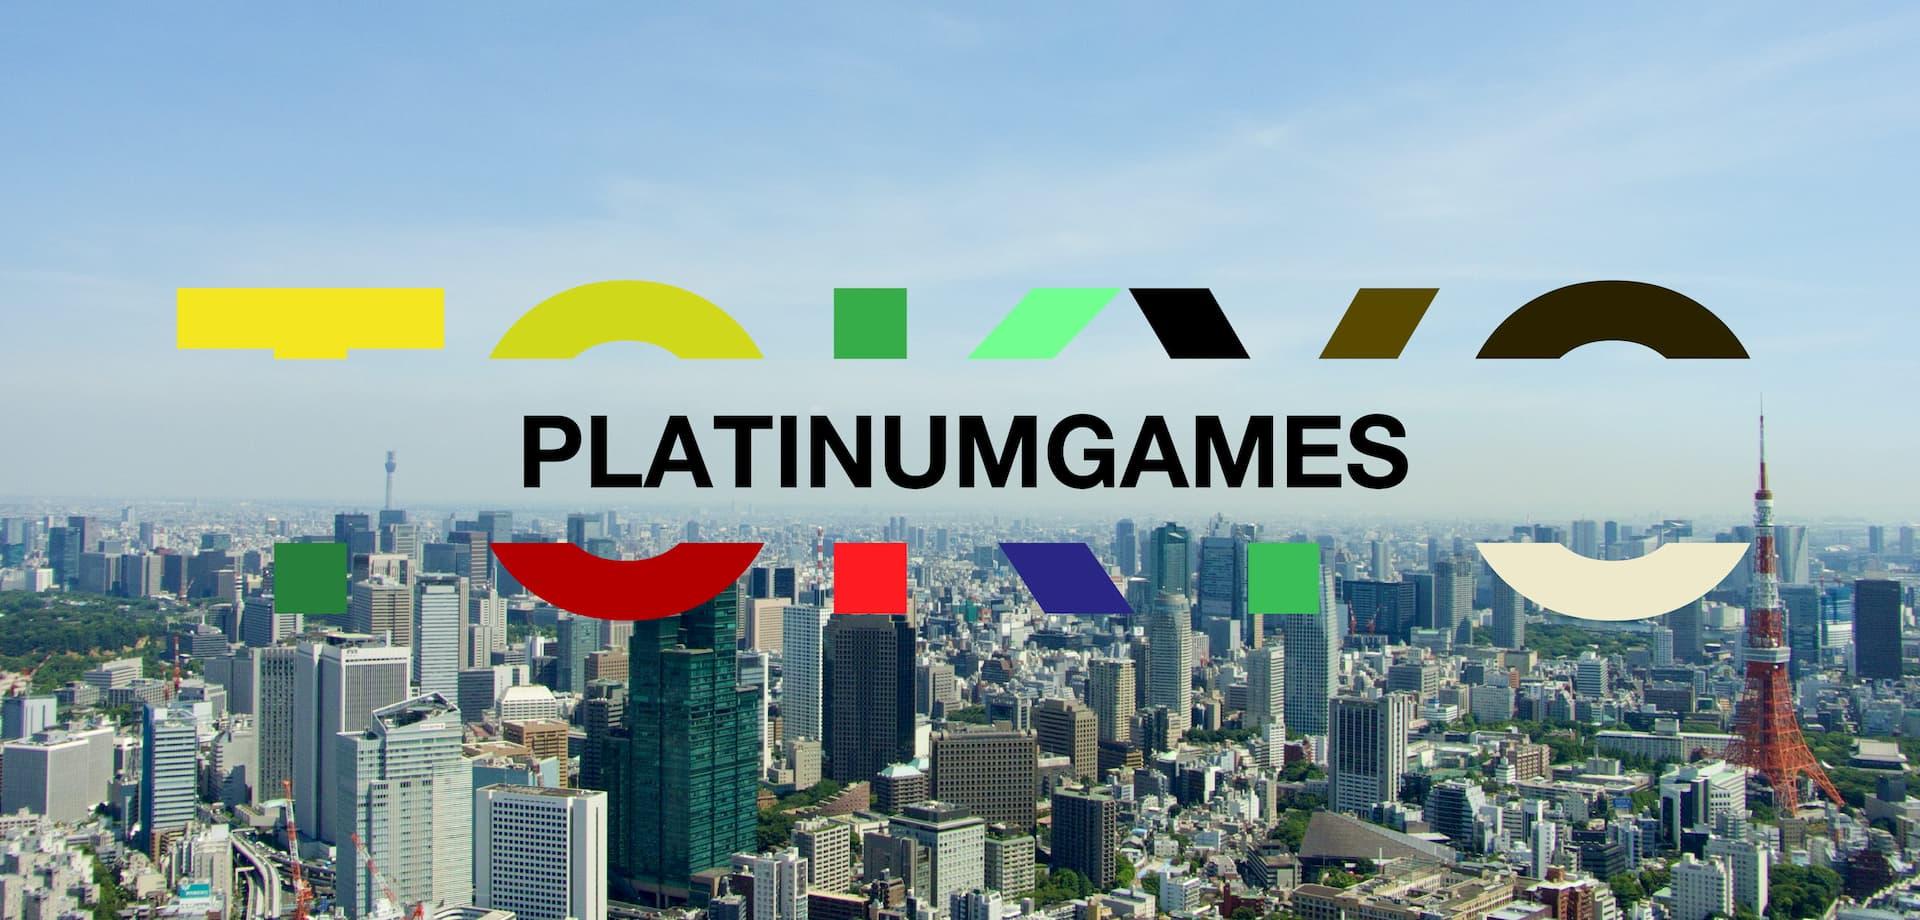 Platinum Games abre un nuevo estudio para juegos como servicio 4